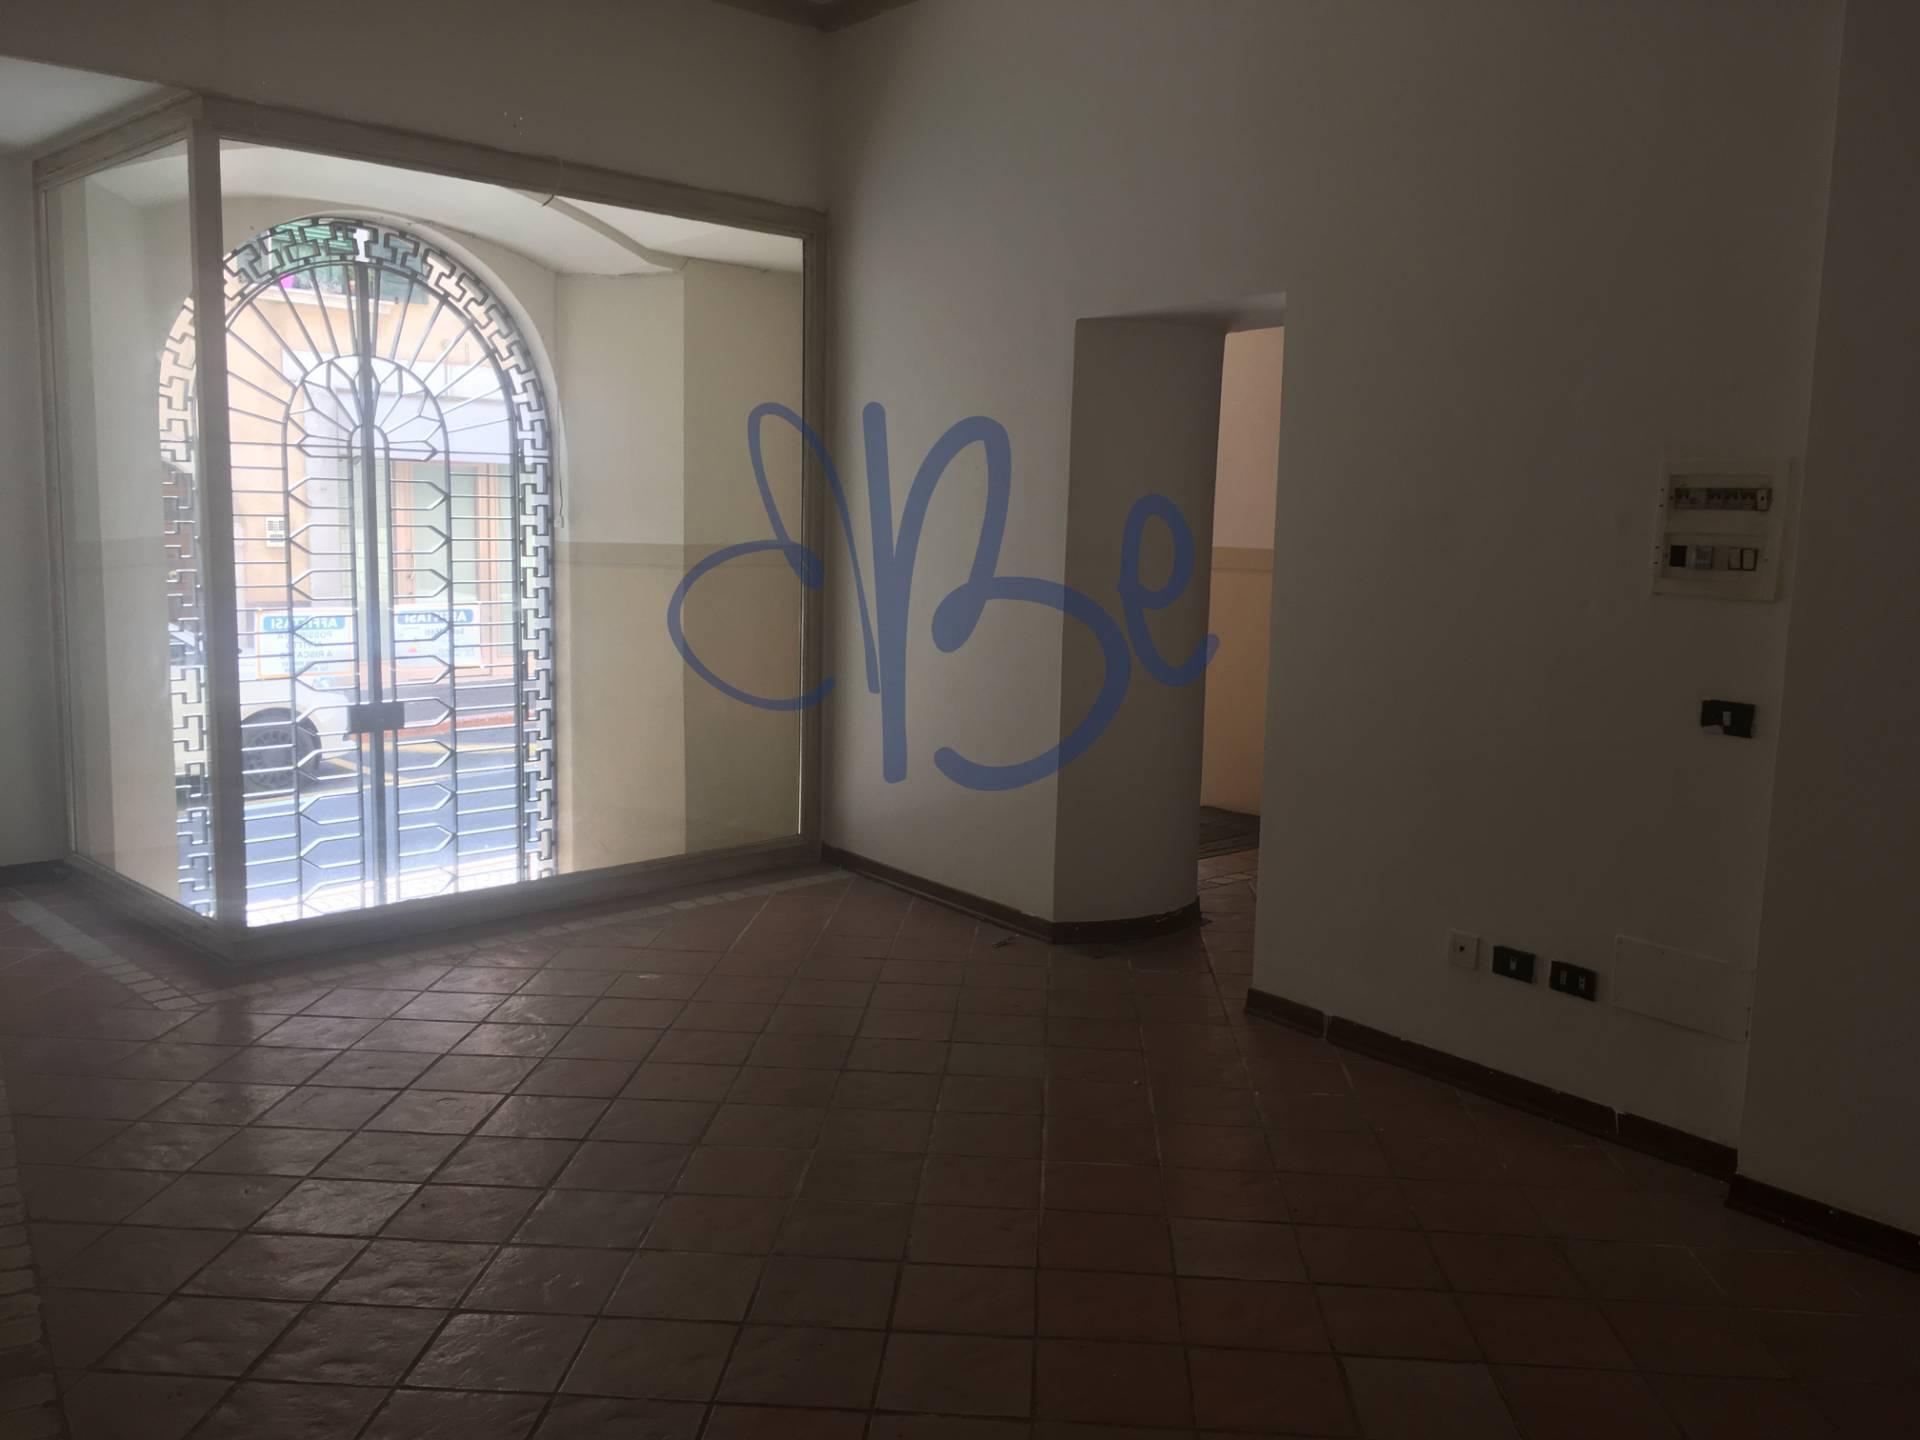 Negozio / Locale in affitto a Salò, 9999 locali, prezzo € 500 | CambioCasa.it